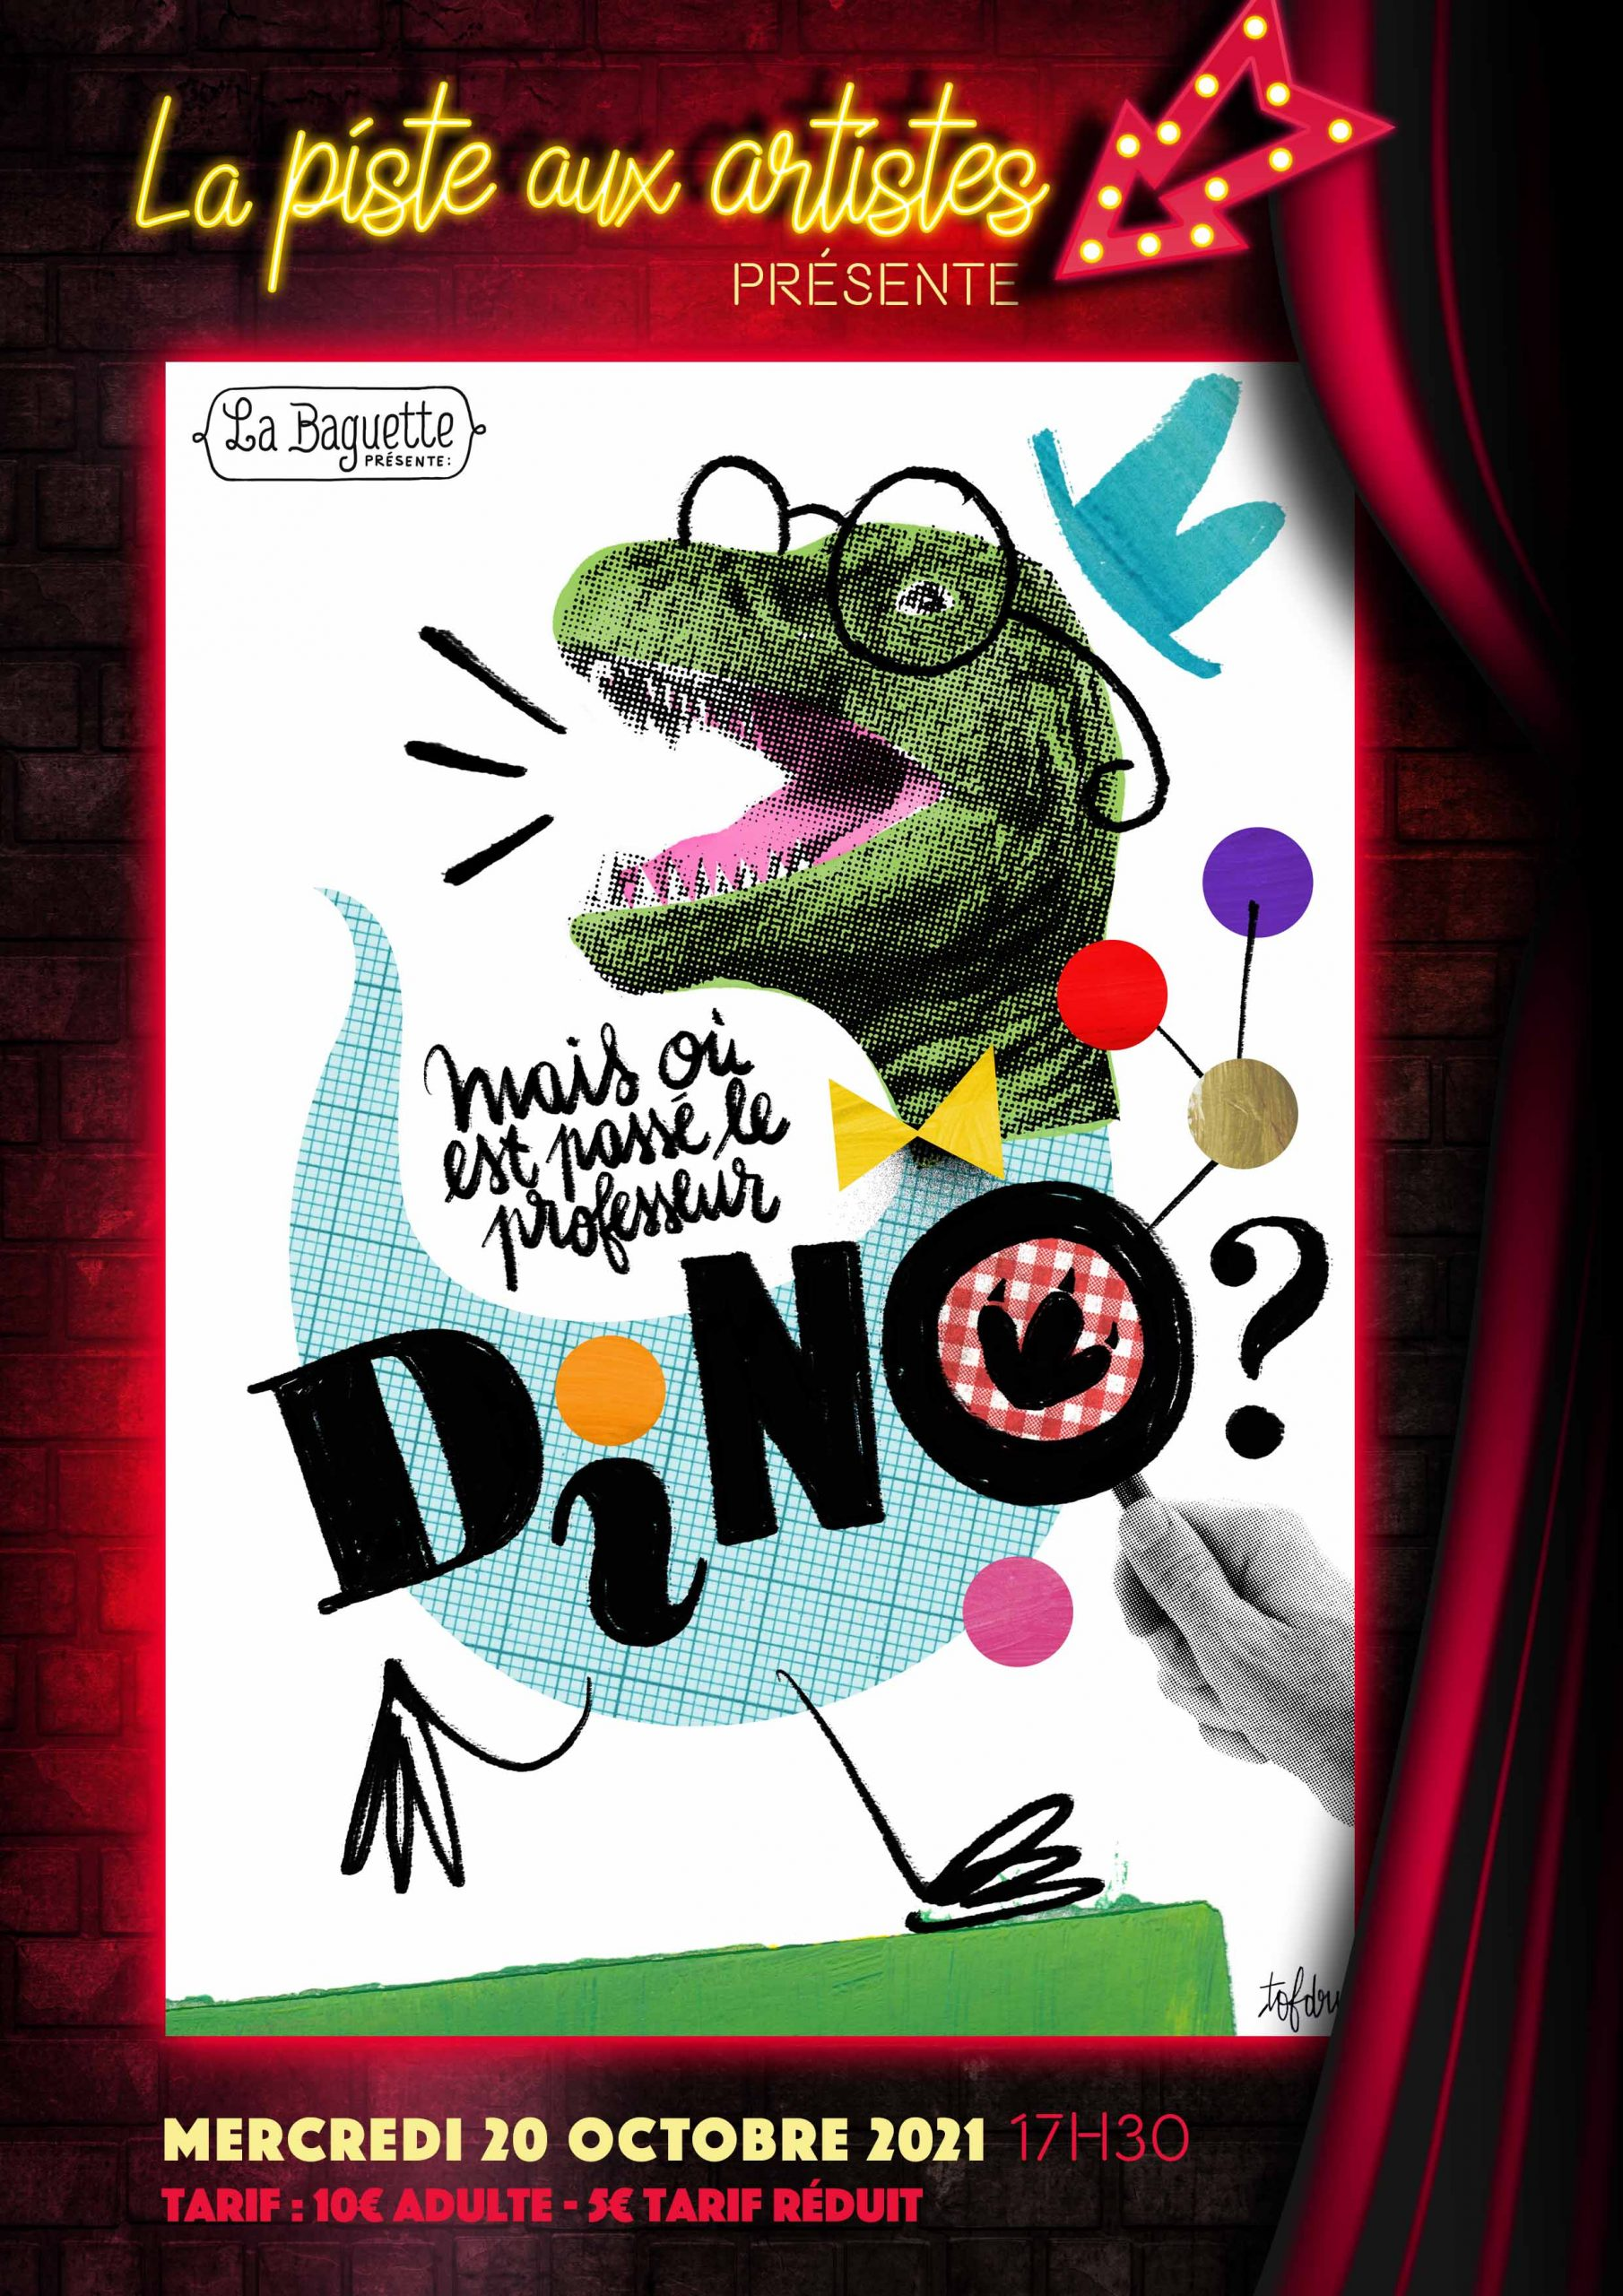 La piste aux artistes présente «Mais où est passé le professeur Dino» ? Mercredi 20 octobre 2021